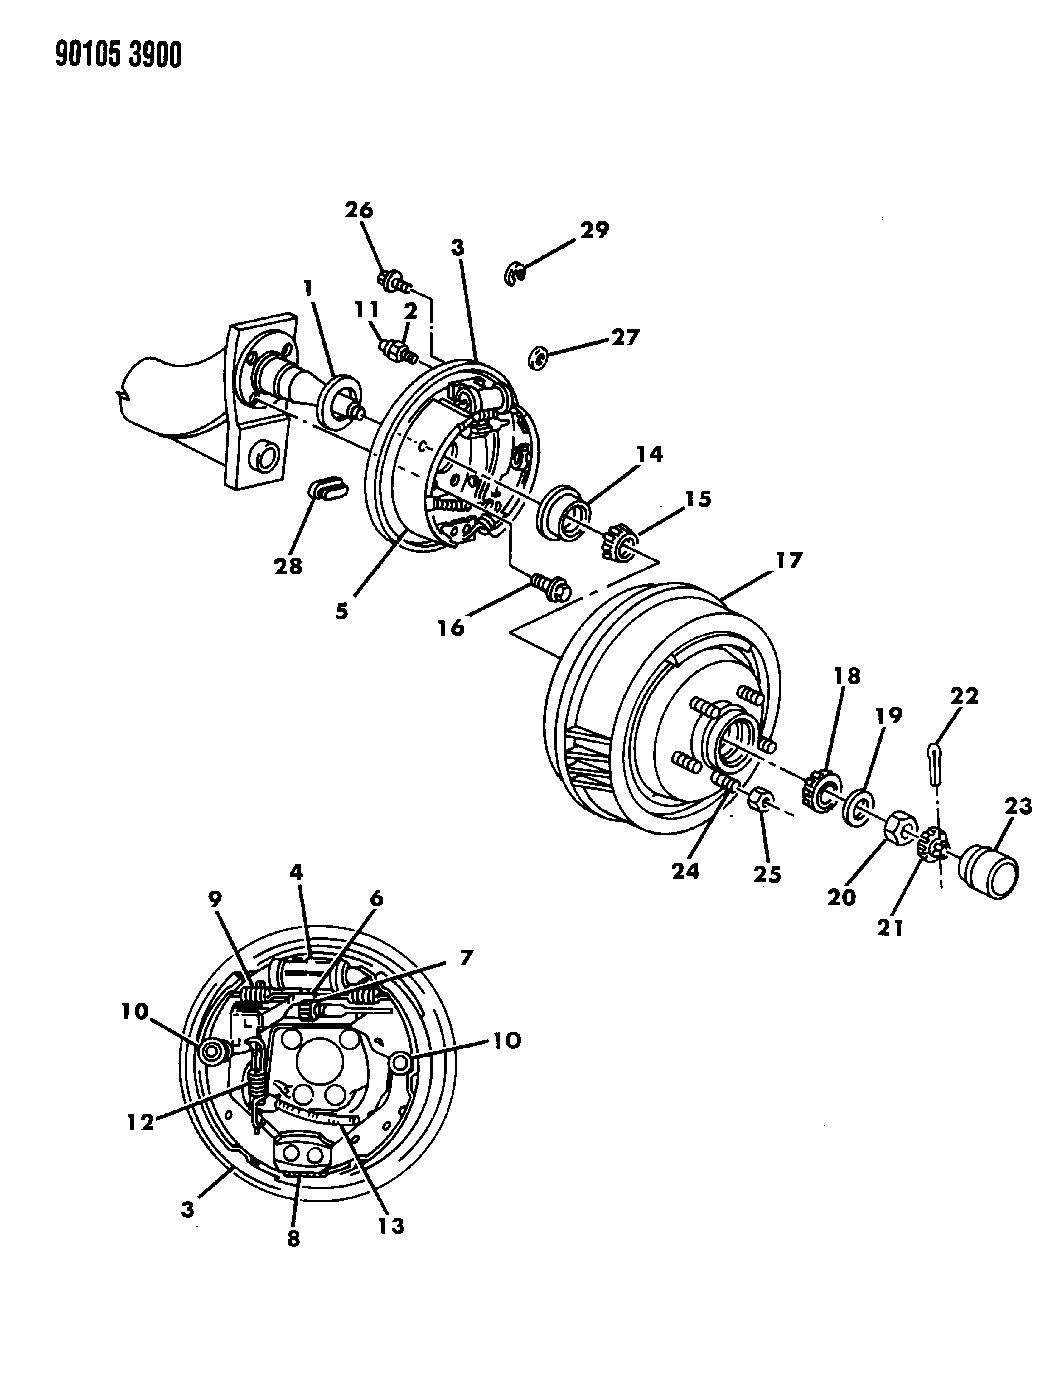 1990 Dodge Dynasty Wiring Diagram - Wiring Diagram Schema